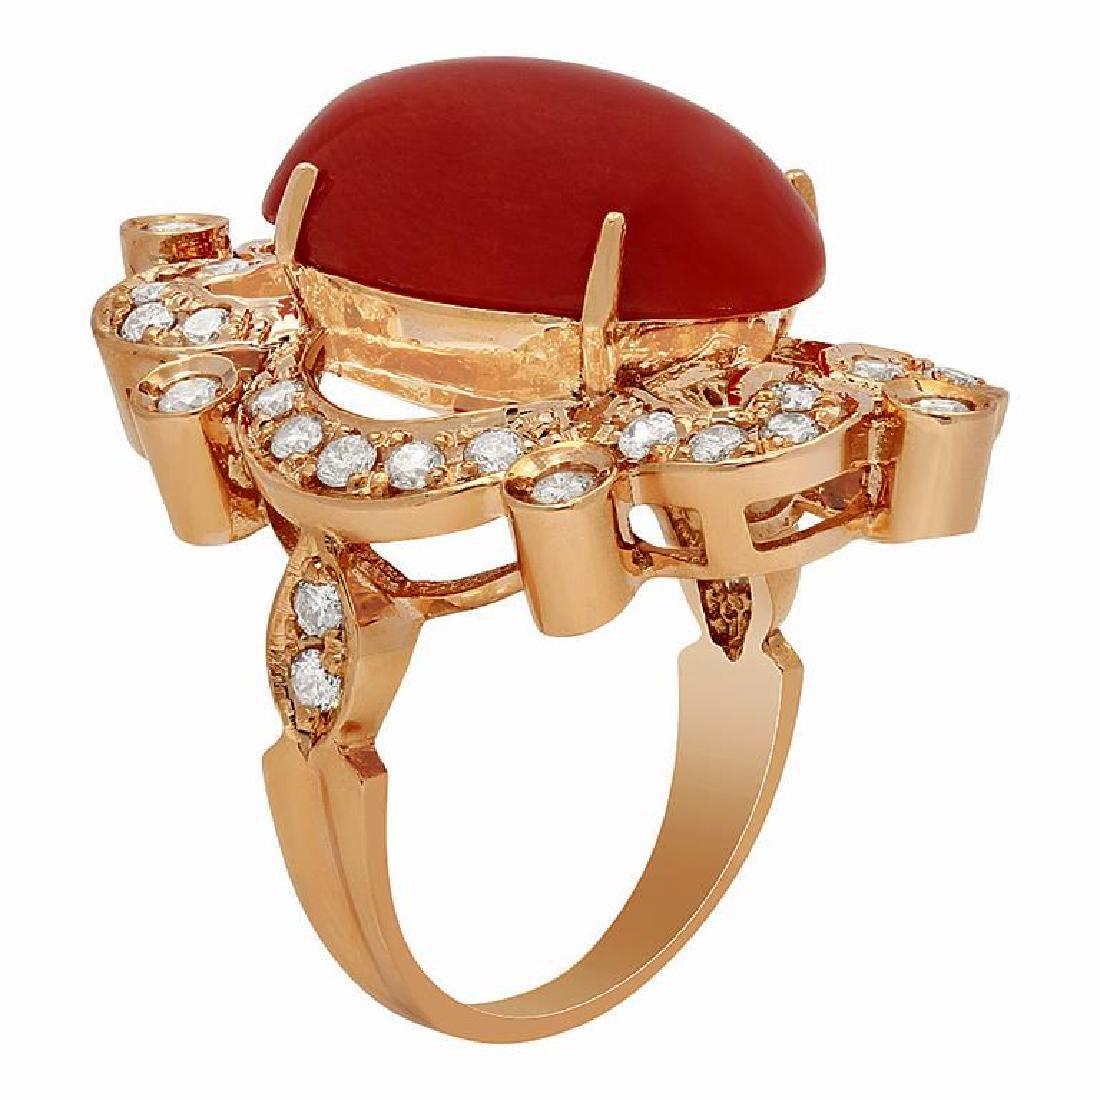 14k Rose Gold 9.64ct Coral 1.22ct Diamond Ring - 2